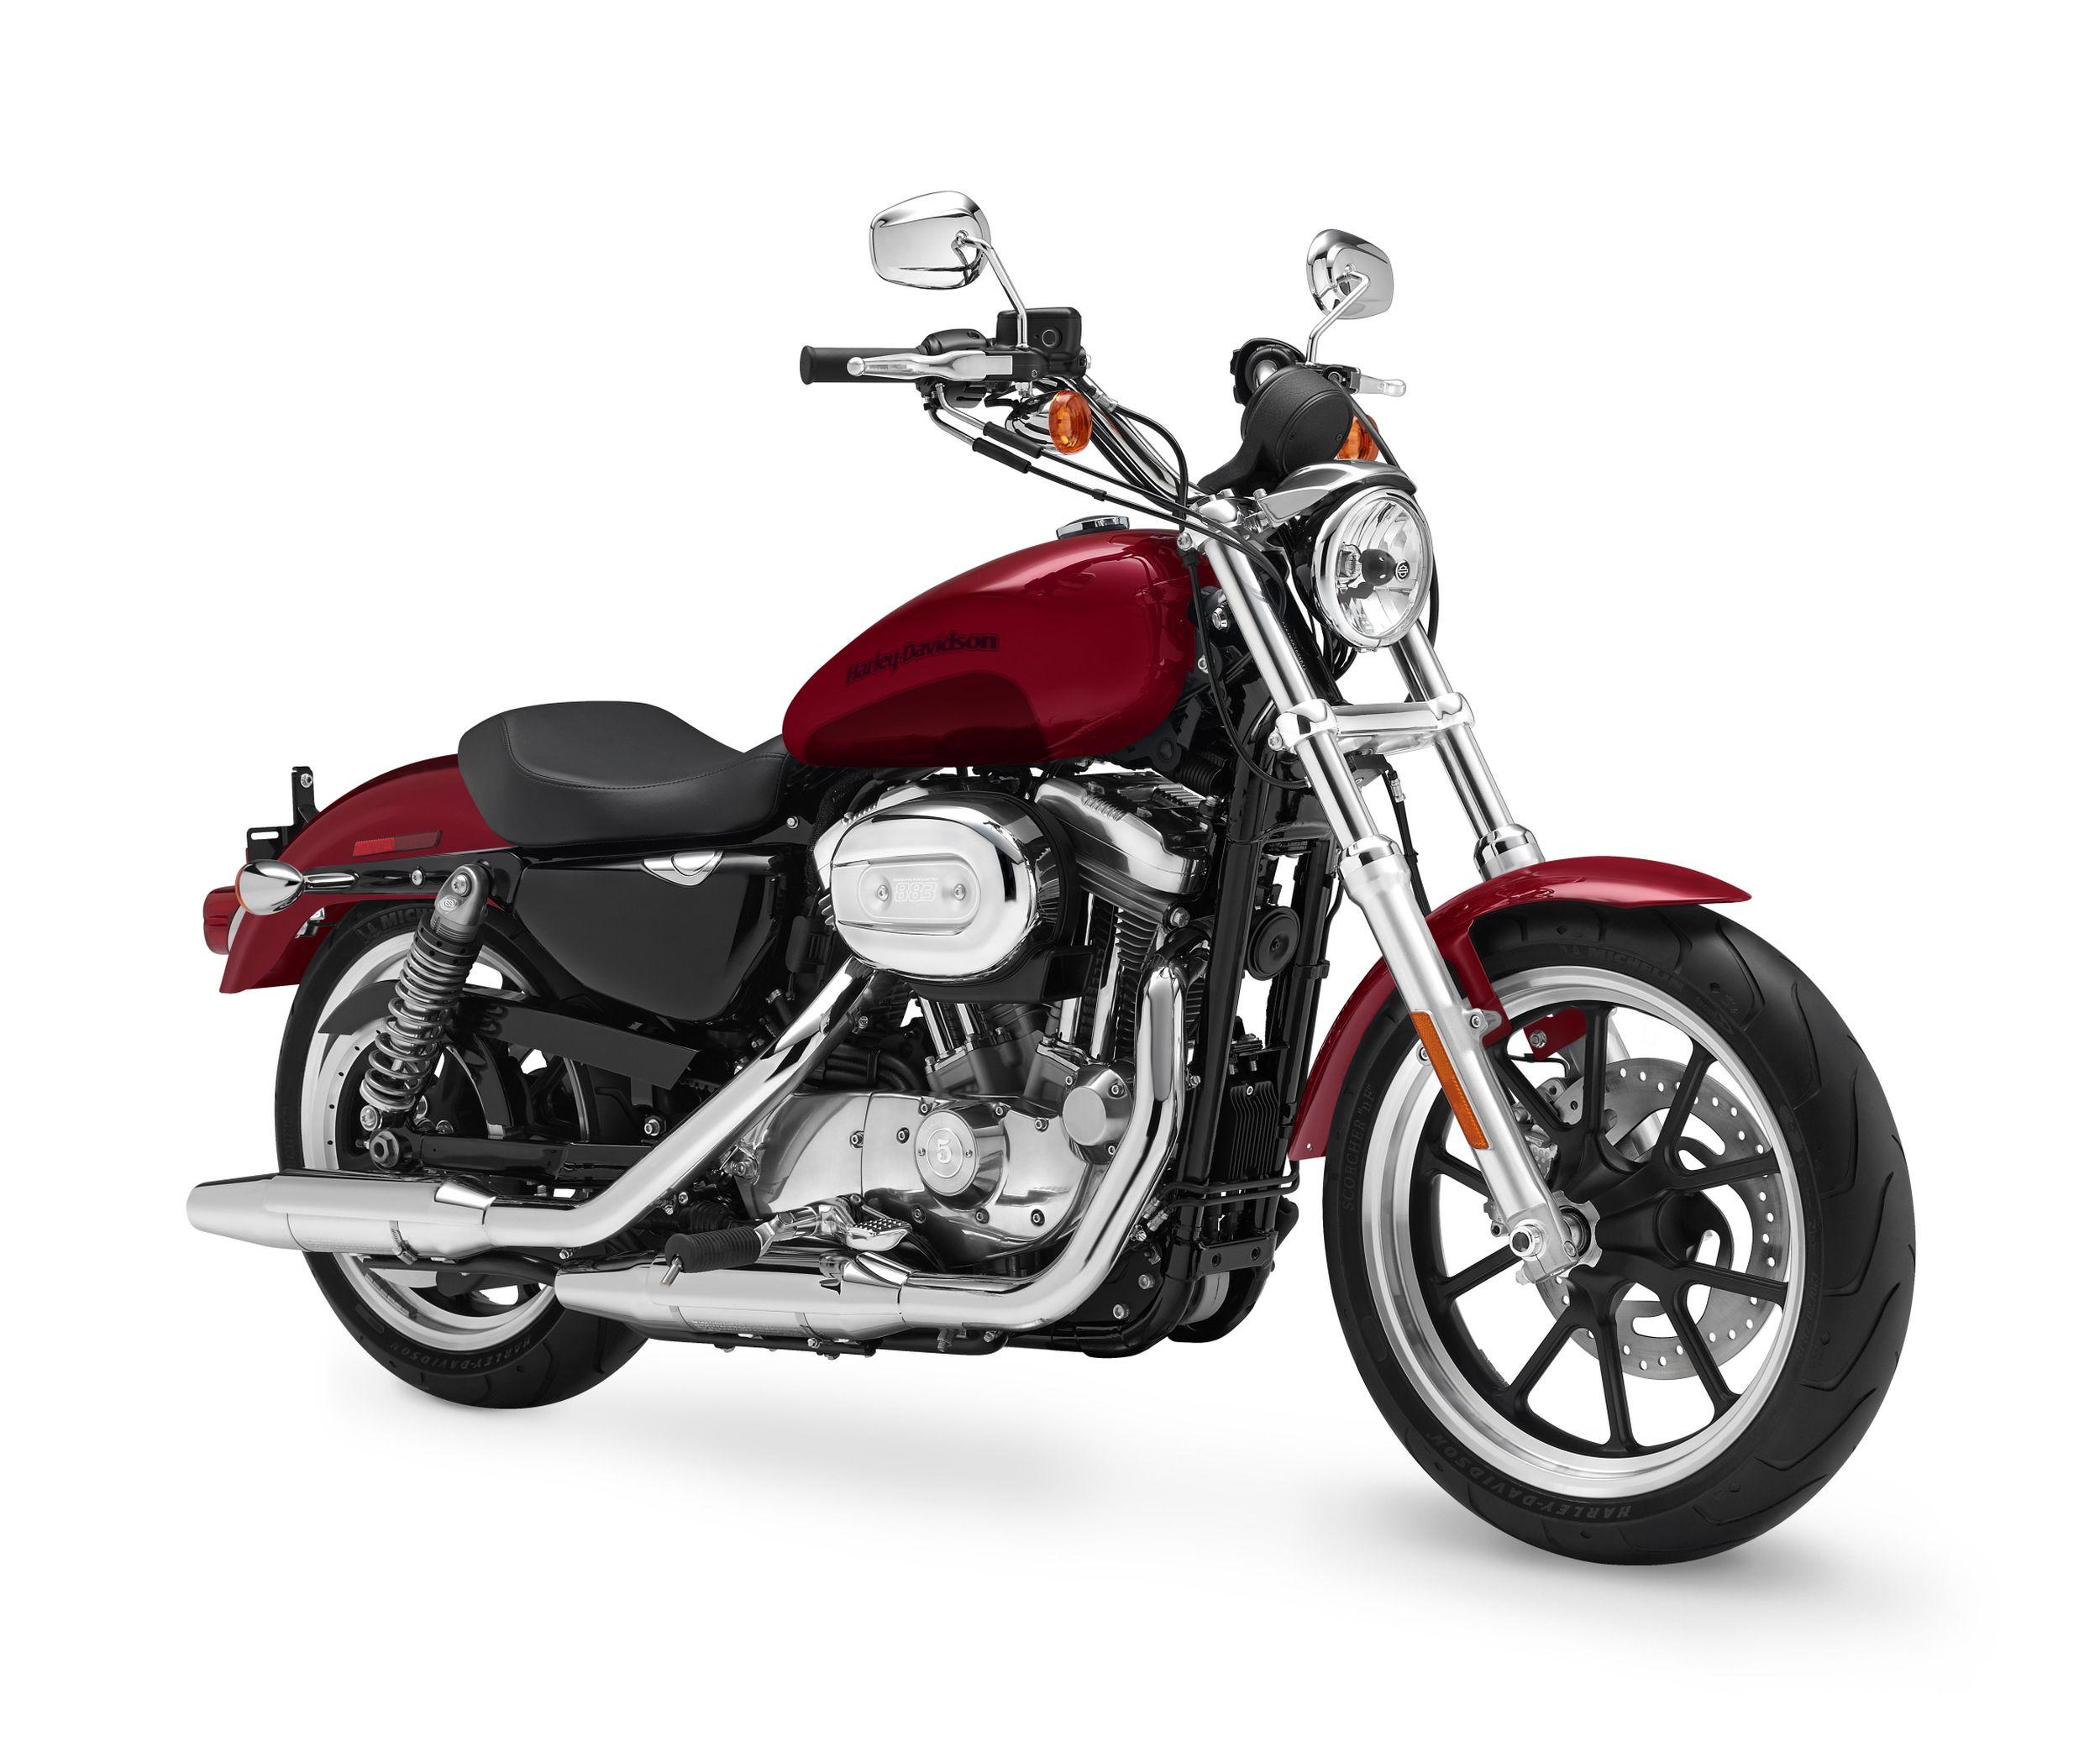 gebrauchte harley davidson sportster xl 883 l superlow motorr der kaufen. Black Bedroom Furniture Sets. Home Design Ideas